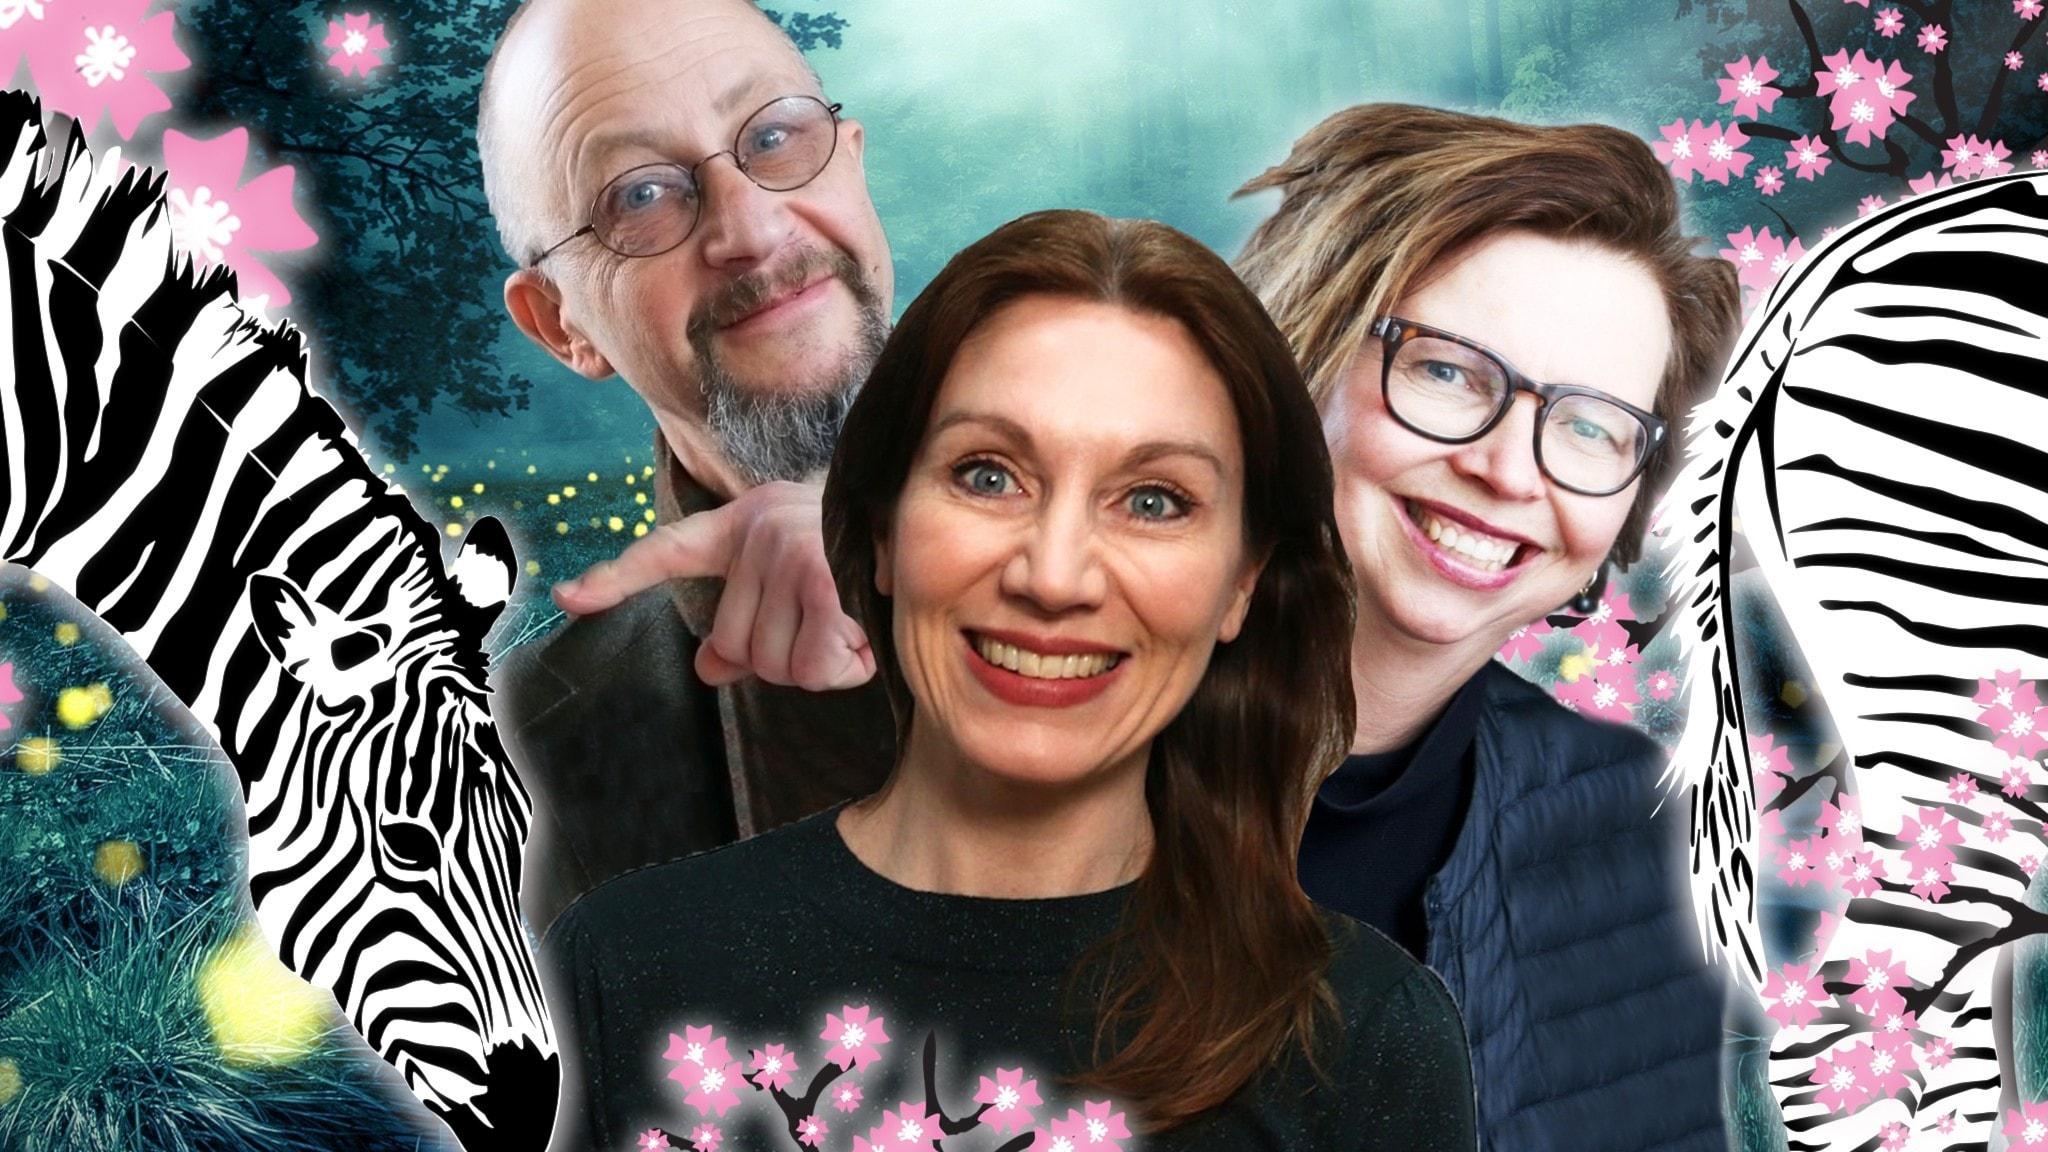 Spanarna är ett program och en podd för dig som gillar samhällsspaning med humor. Spanarna Katarina Barrling, Per Naroskin & Maja Aase tar dig med till framtiden.